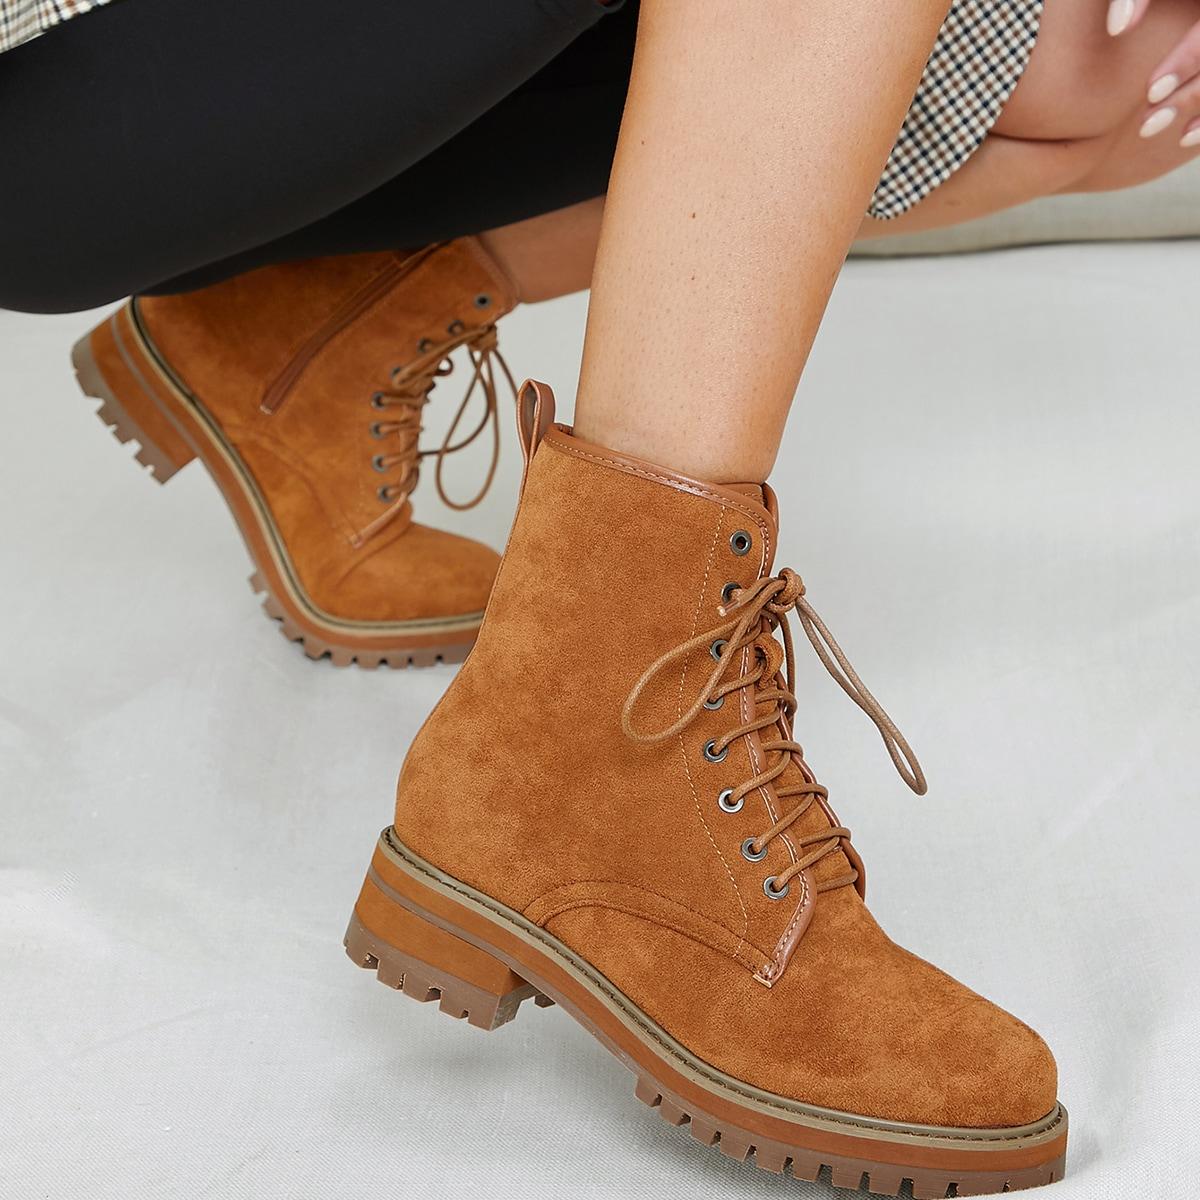 Ботинки на шнурках  из искусственной замши